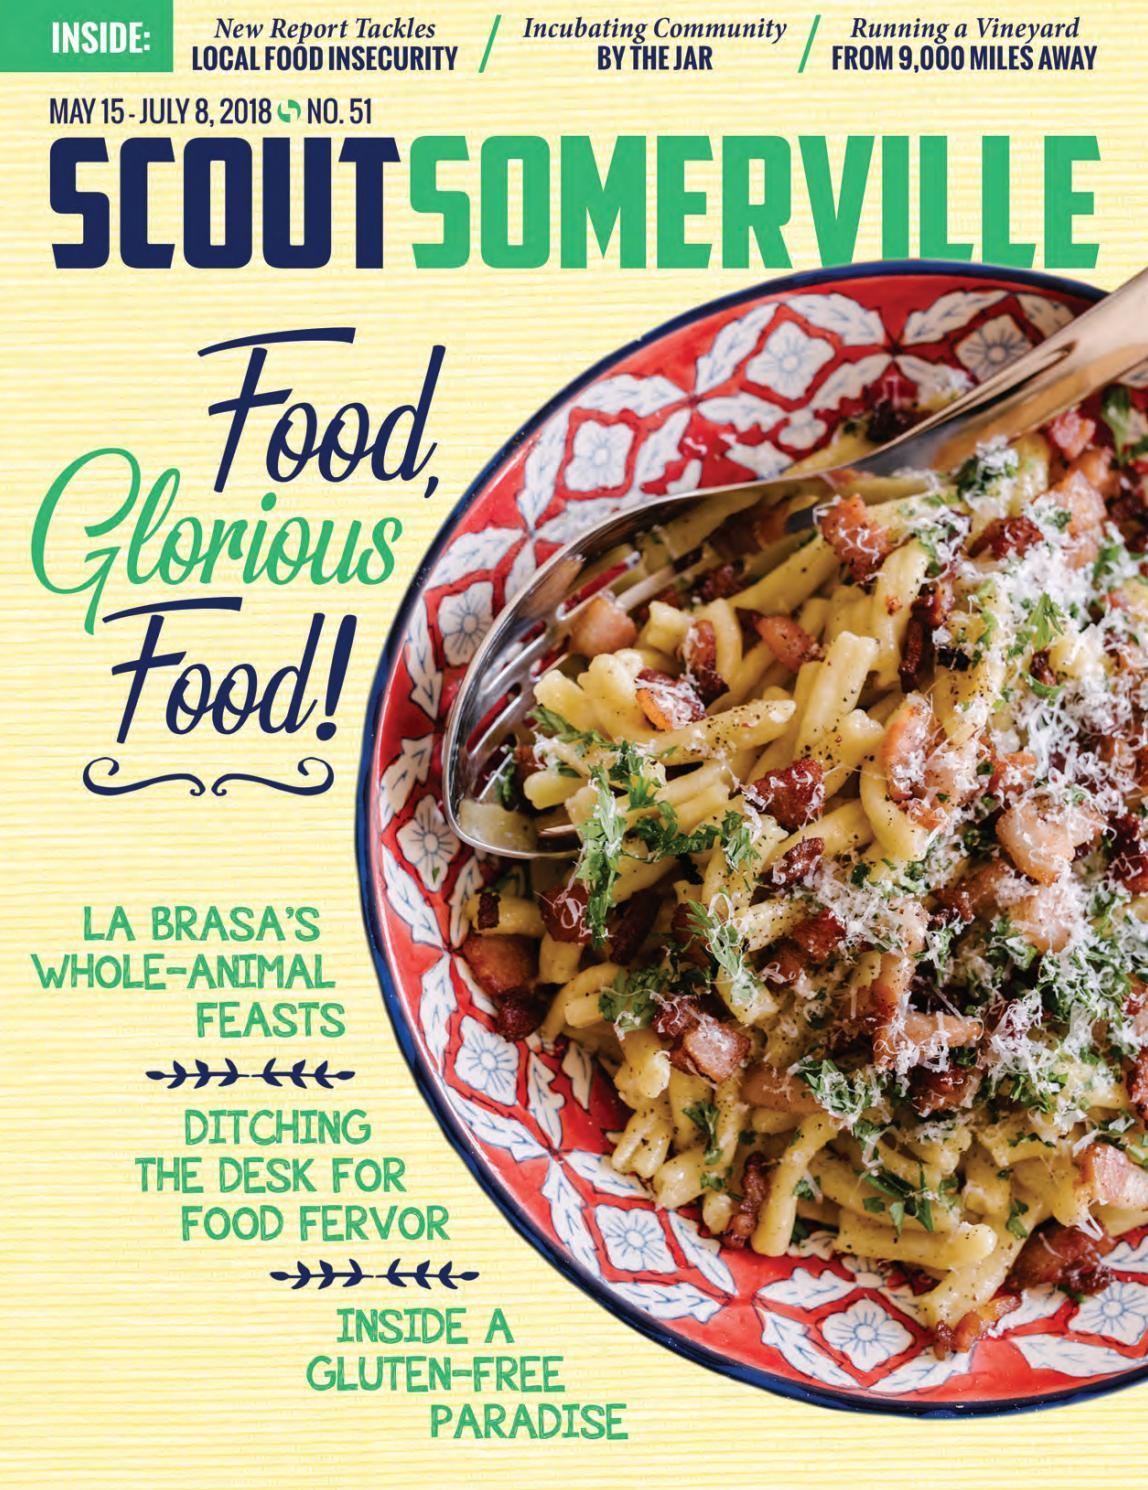 Scout Somerville Food ab17de66d6b65